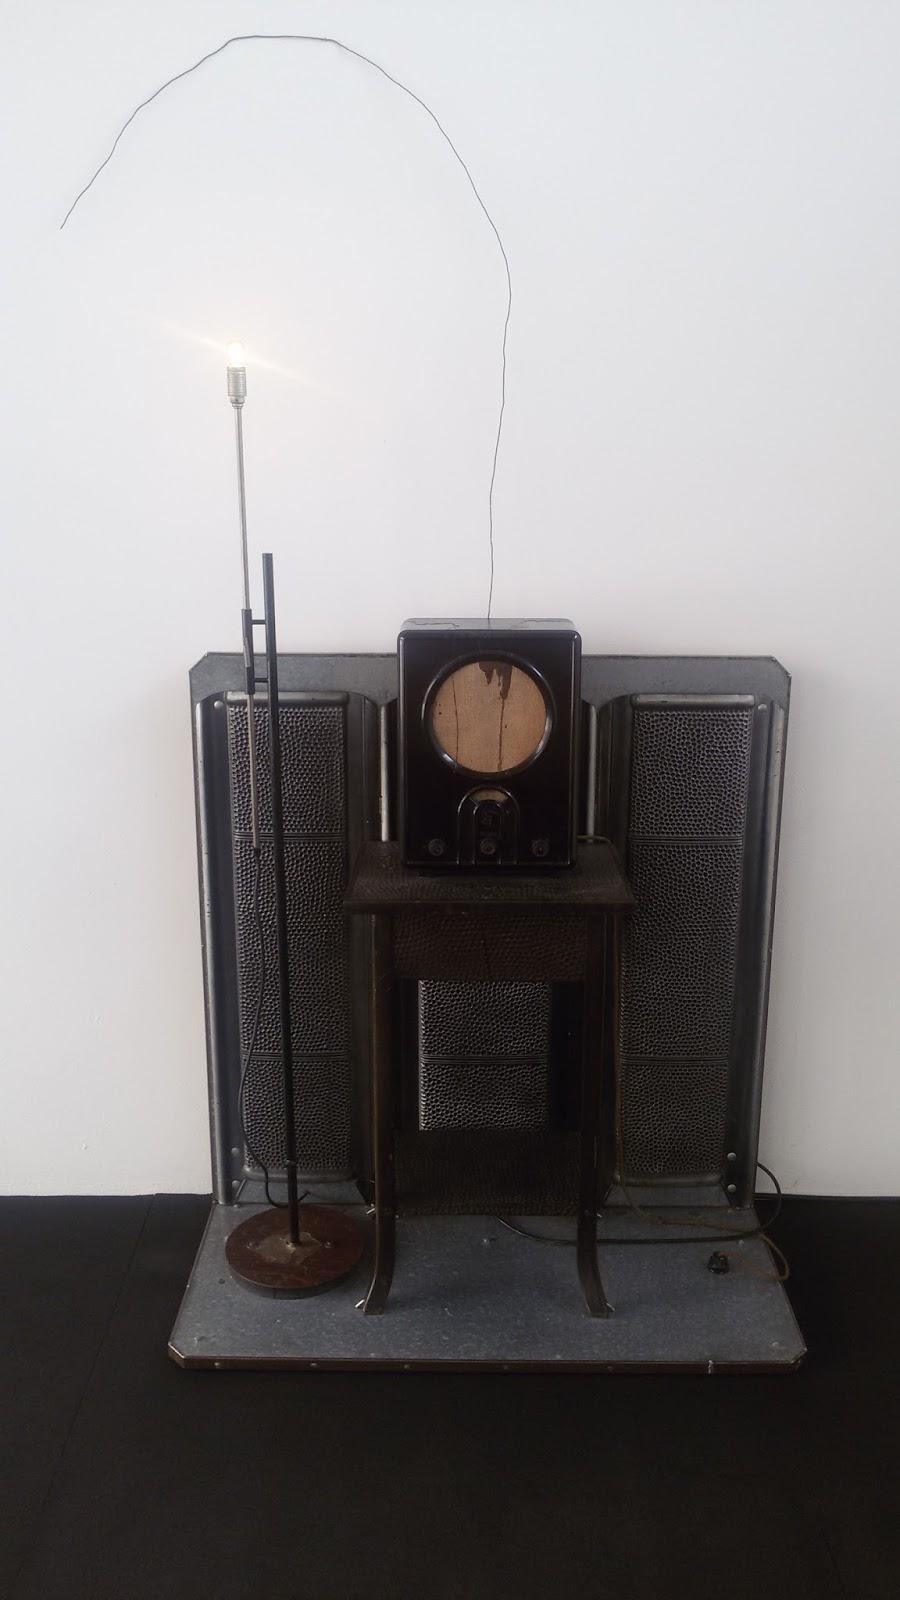 Arte di paola fondazione prada milano le mostre for Minimal art artisti